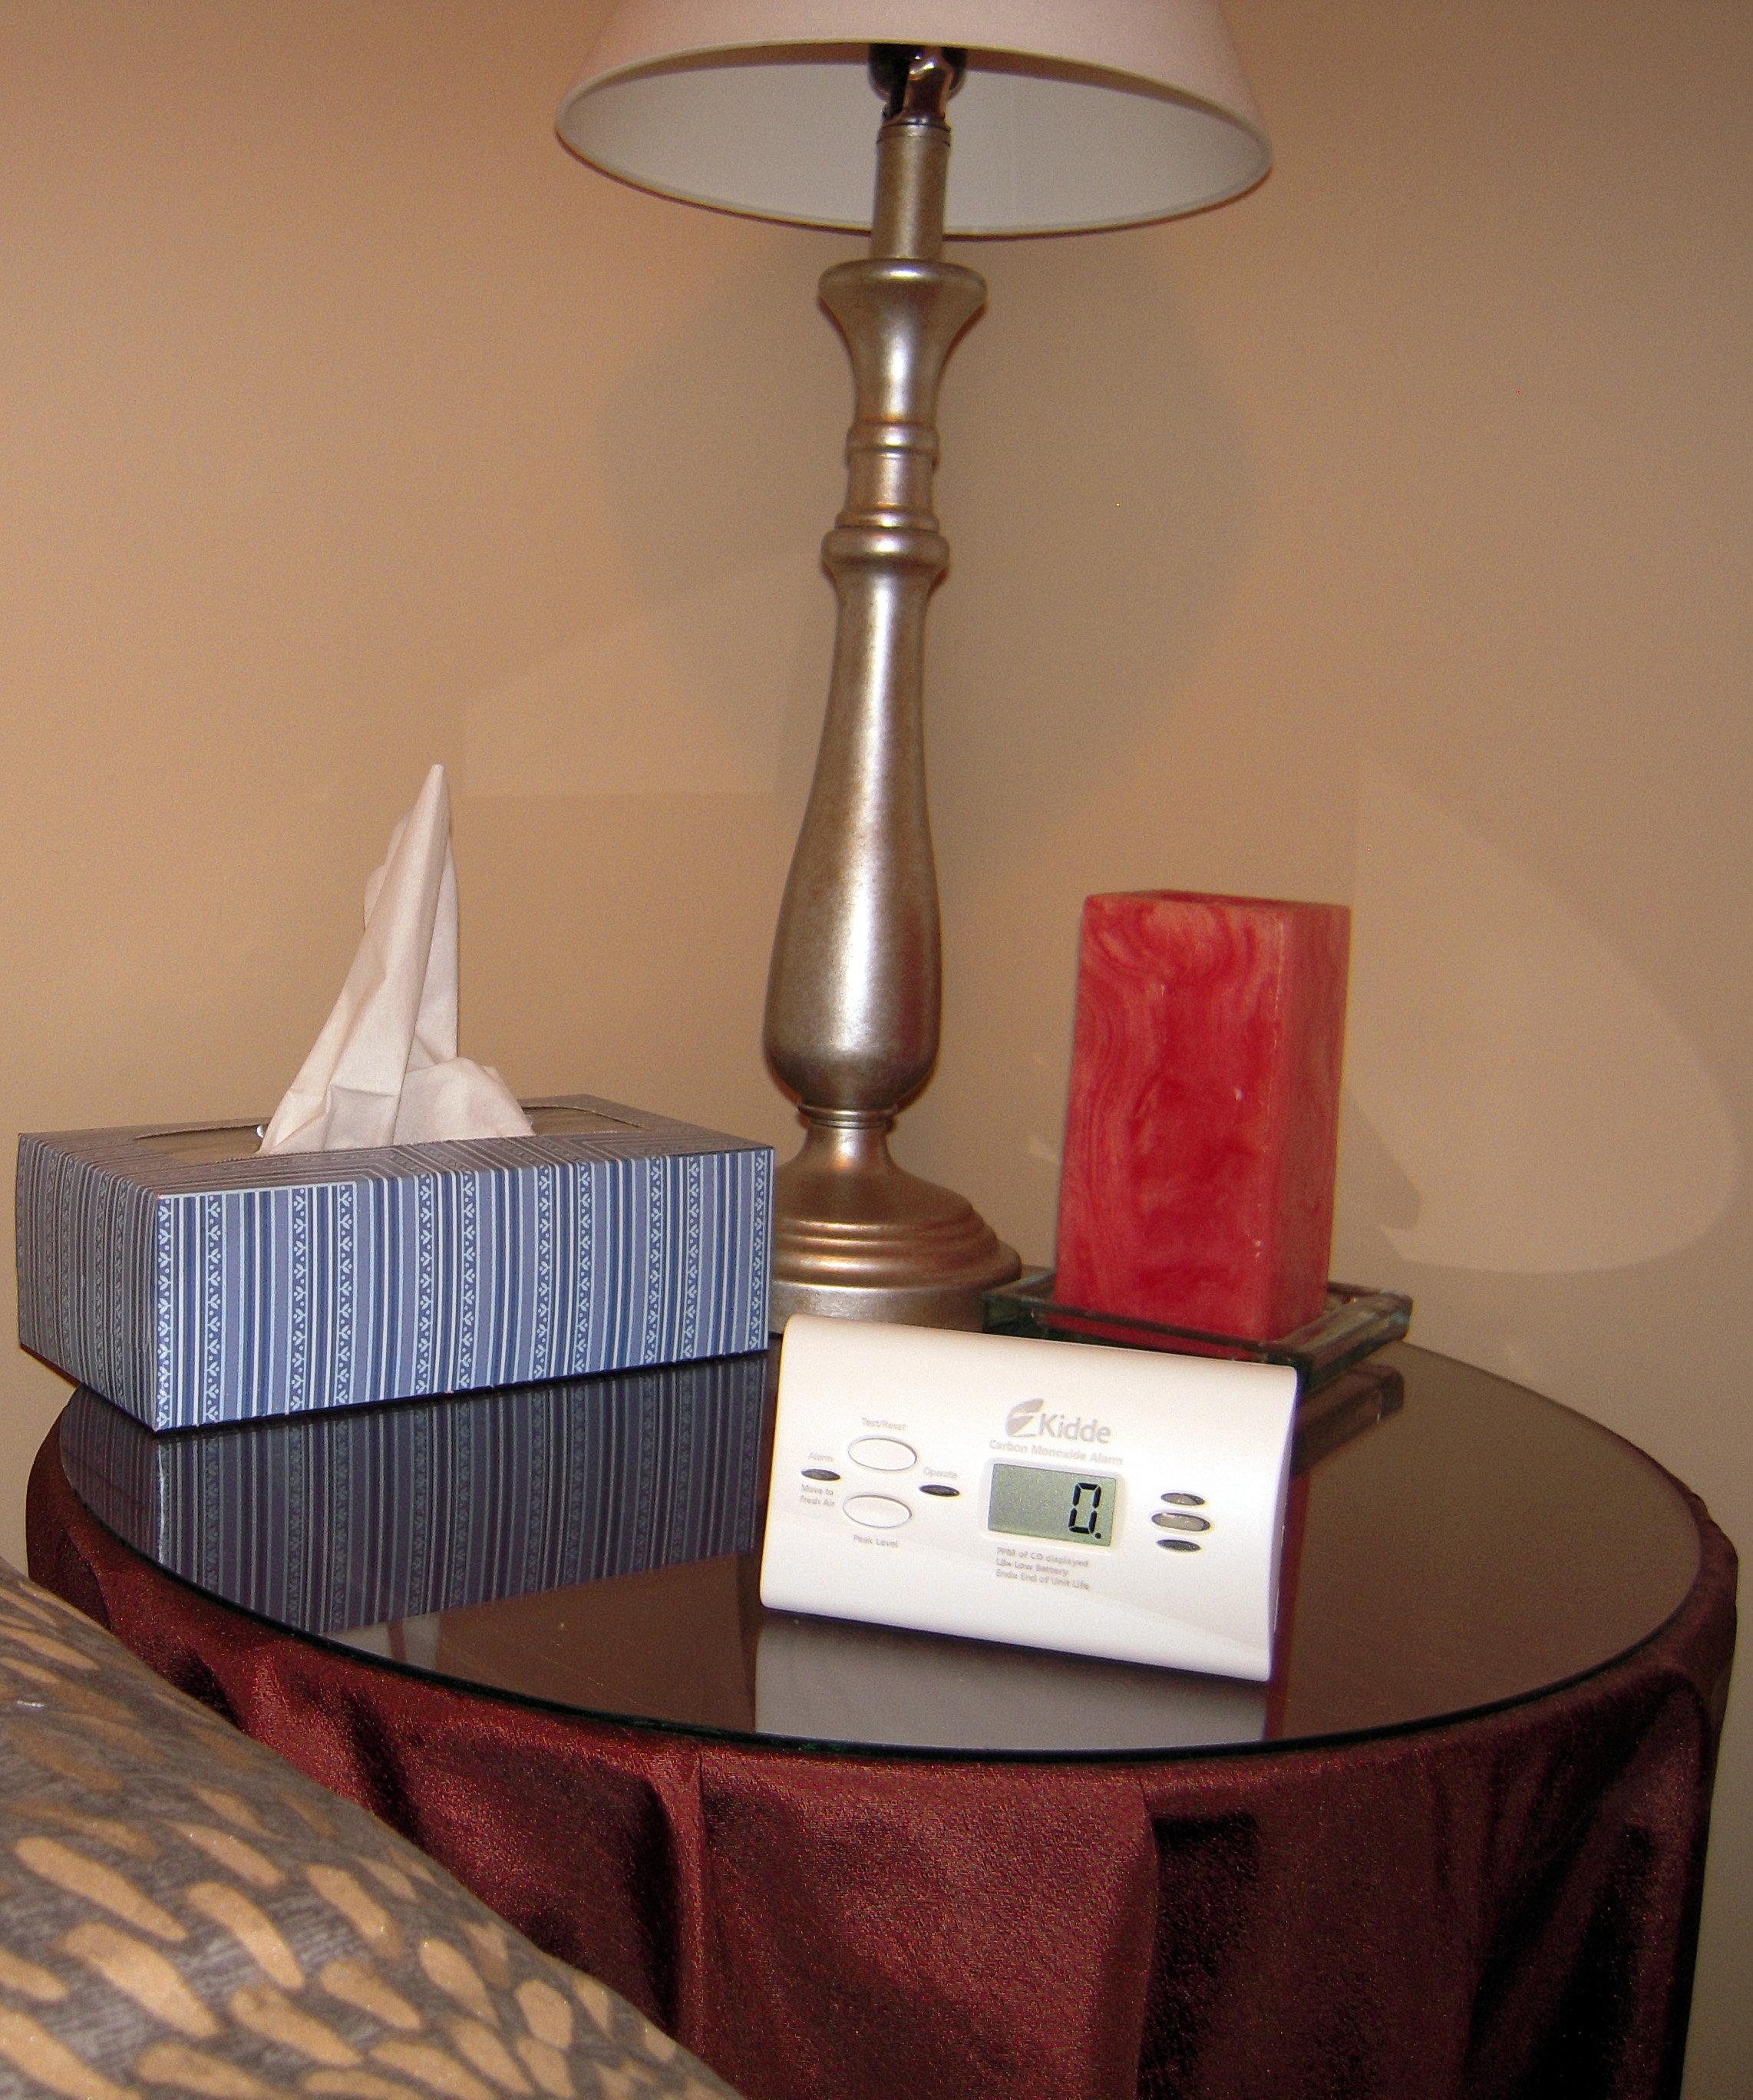 Kidde's KN-COPP-LPM carbon monoxide detector is a free-standing unit